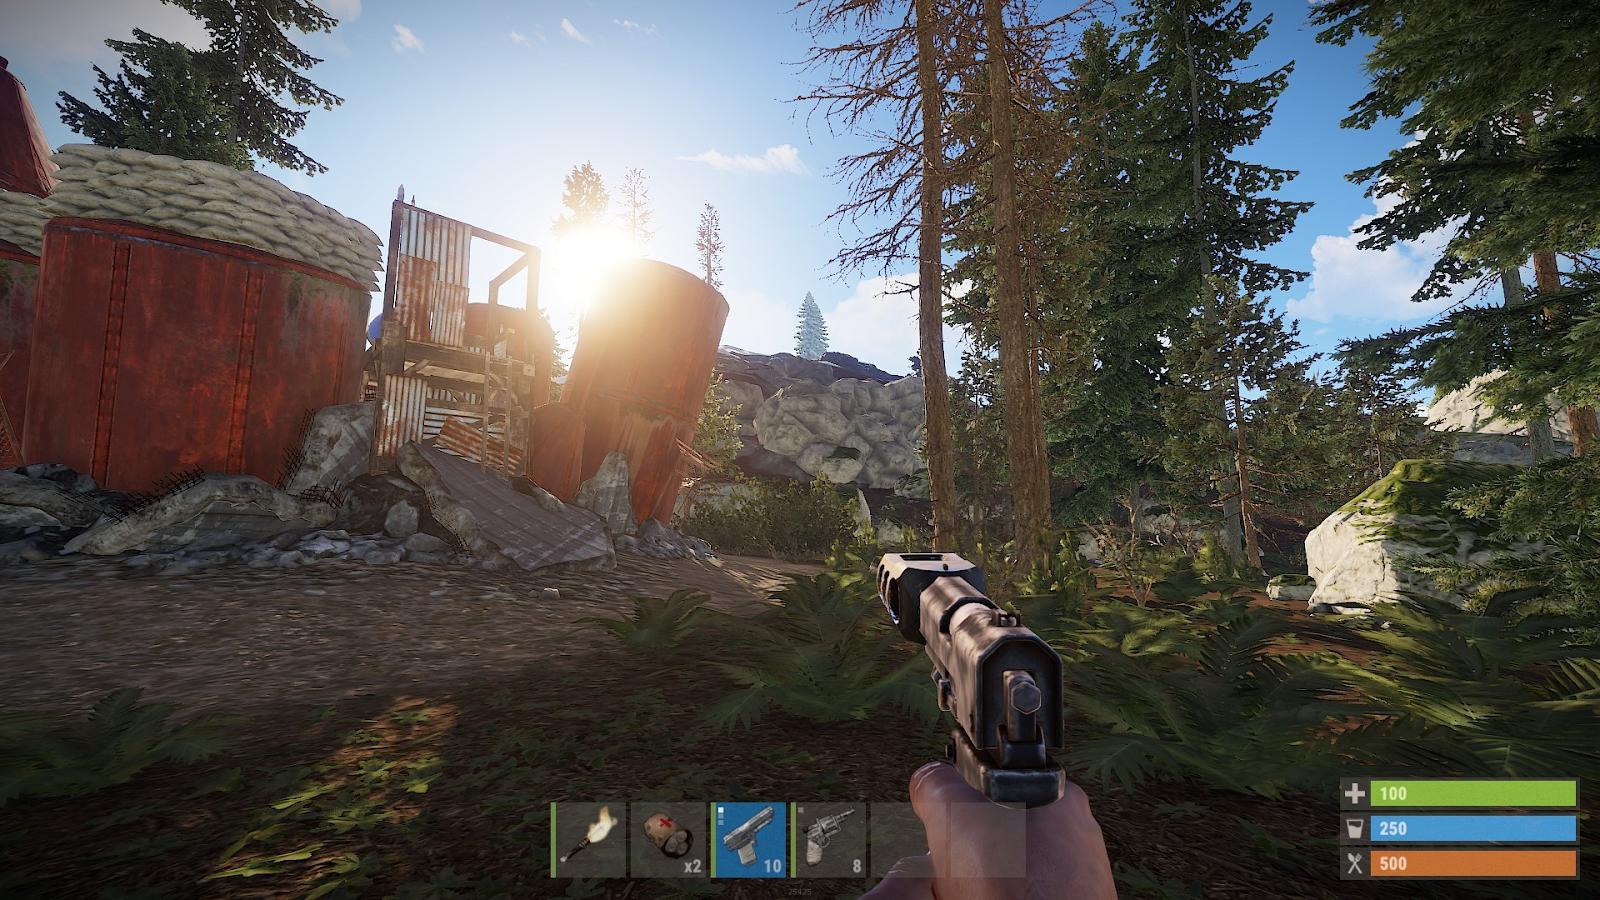 Игра Rust написана на движке Unity